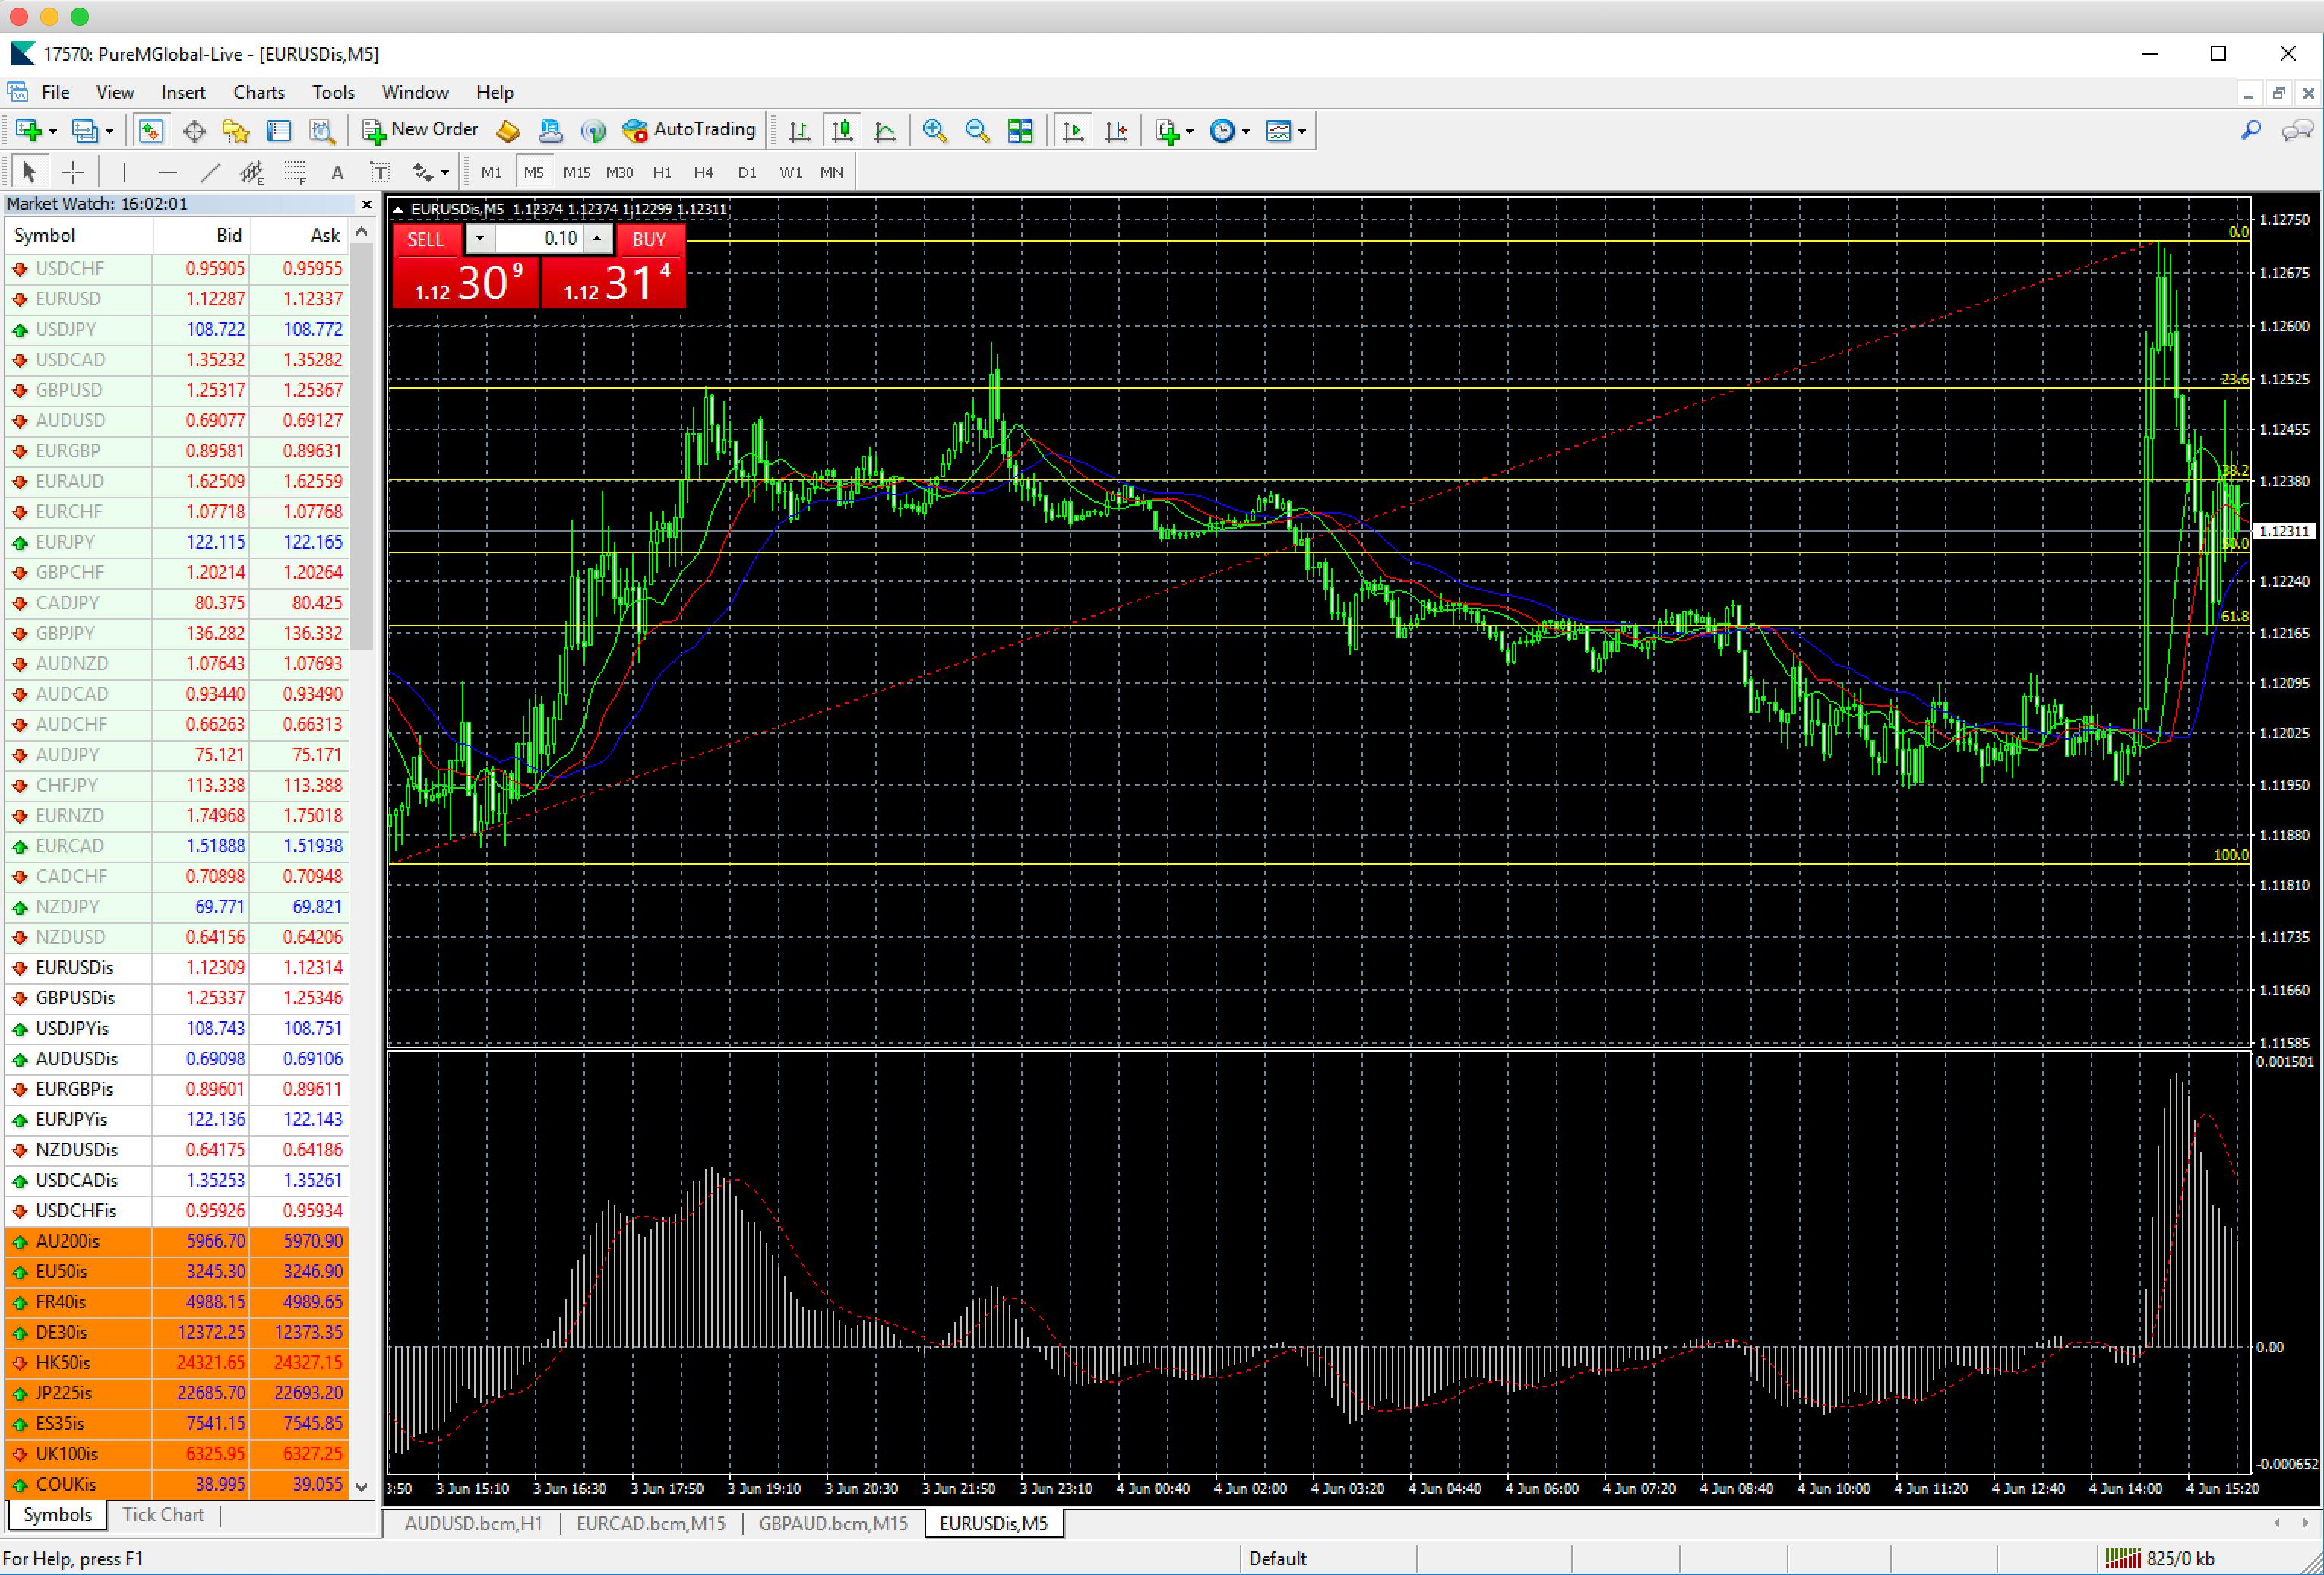 metatrader 4 platform pure market brokers - pure market broker - forex trading